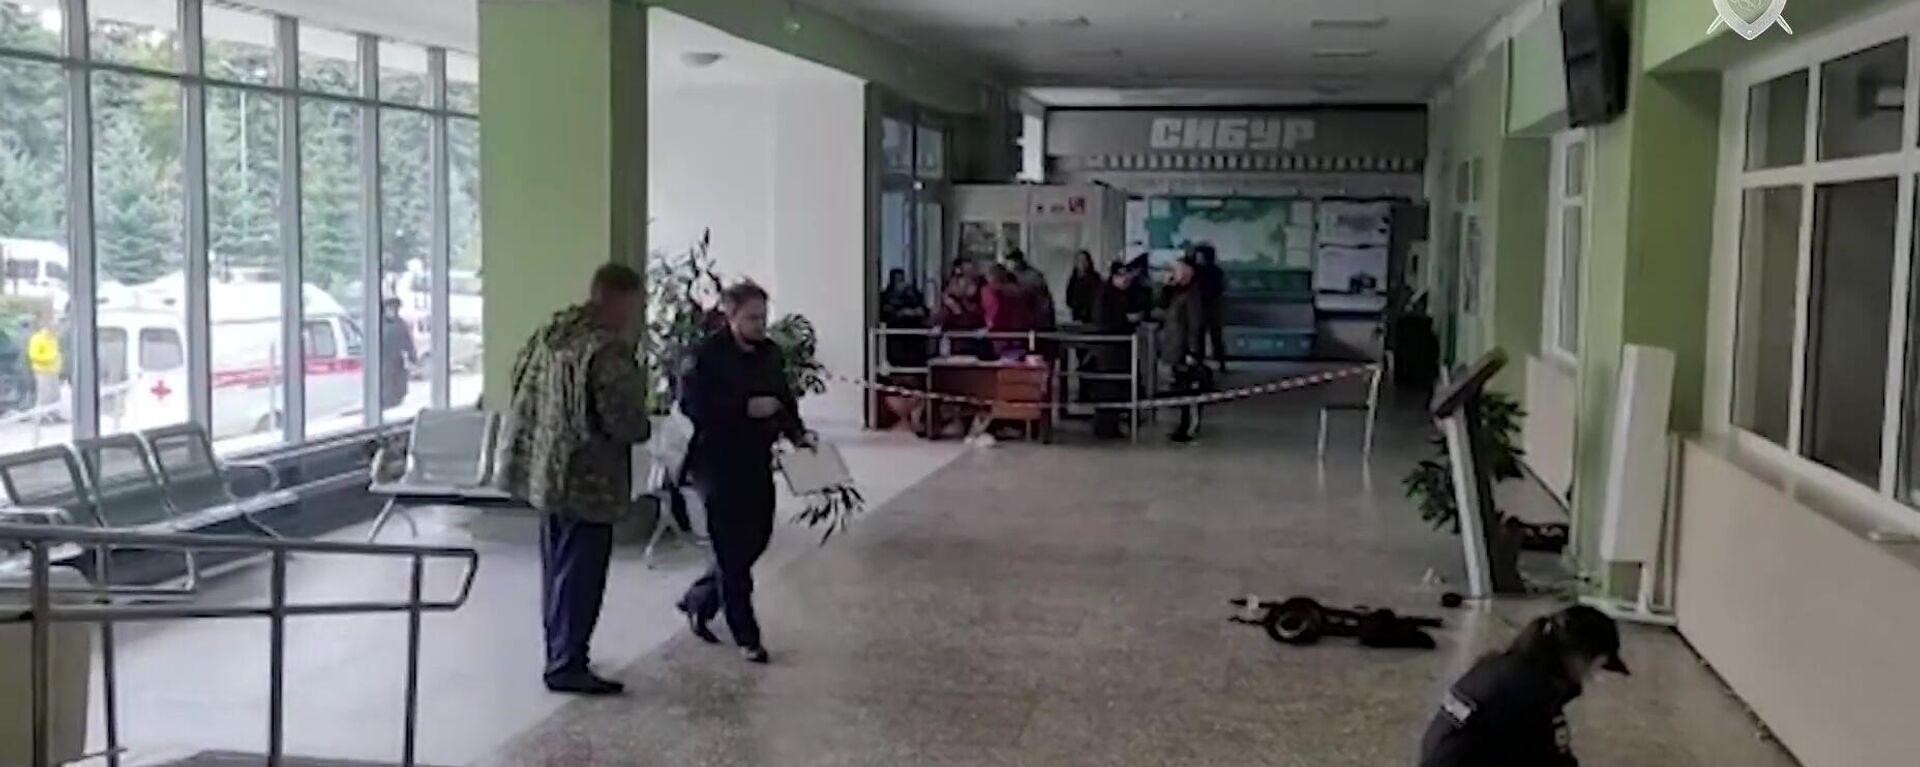 Ermittler in der Universität in Perm nach der tödlichen Schießerei , der 20. September 2021 - SNA, 1920, 21.09.2021